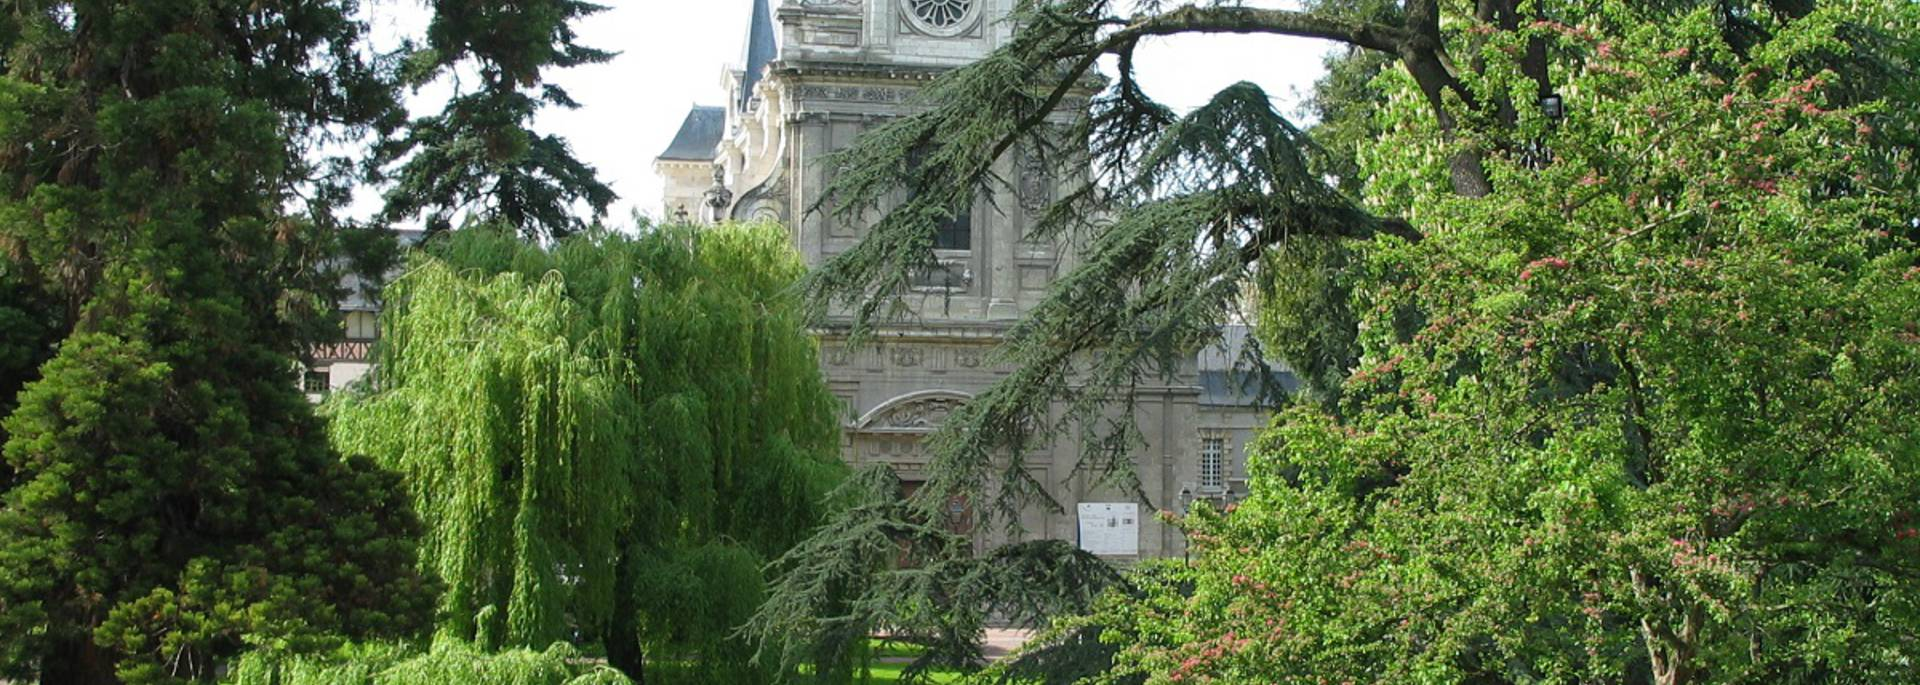 Der Augustin Thierry Garten in Blois © OTB